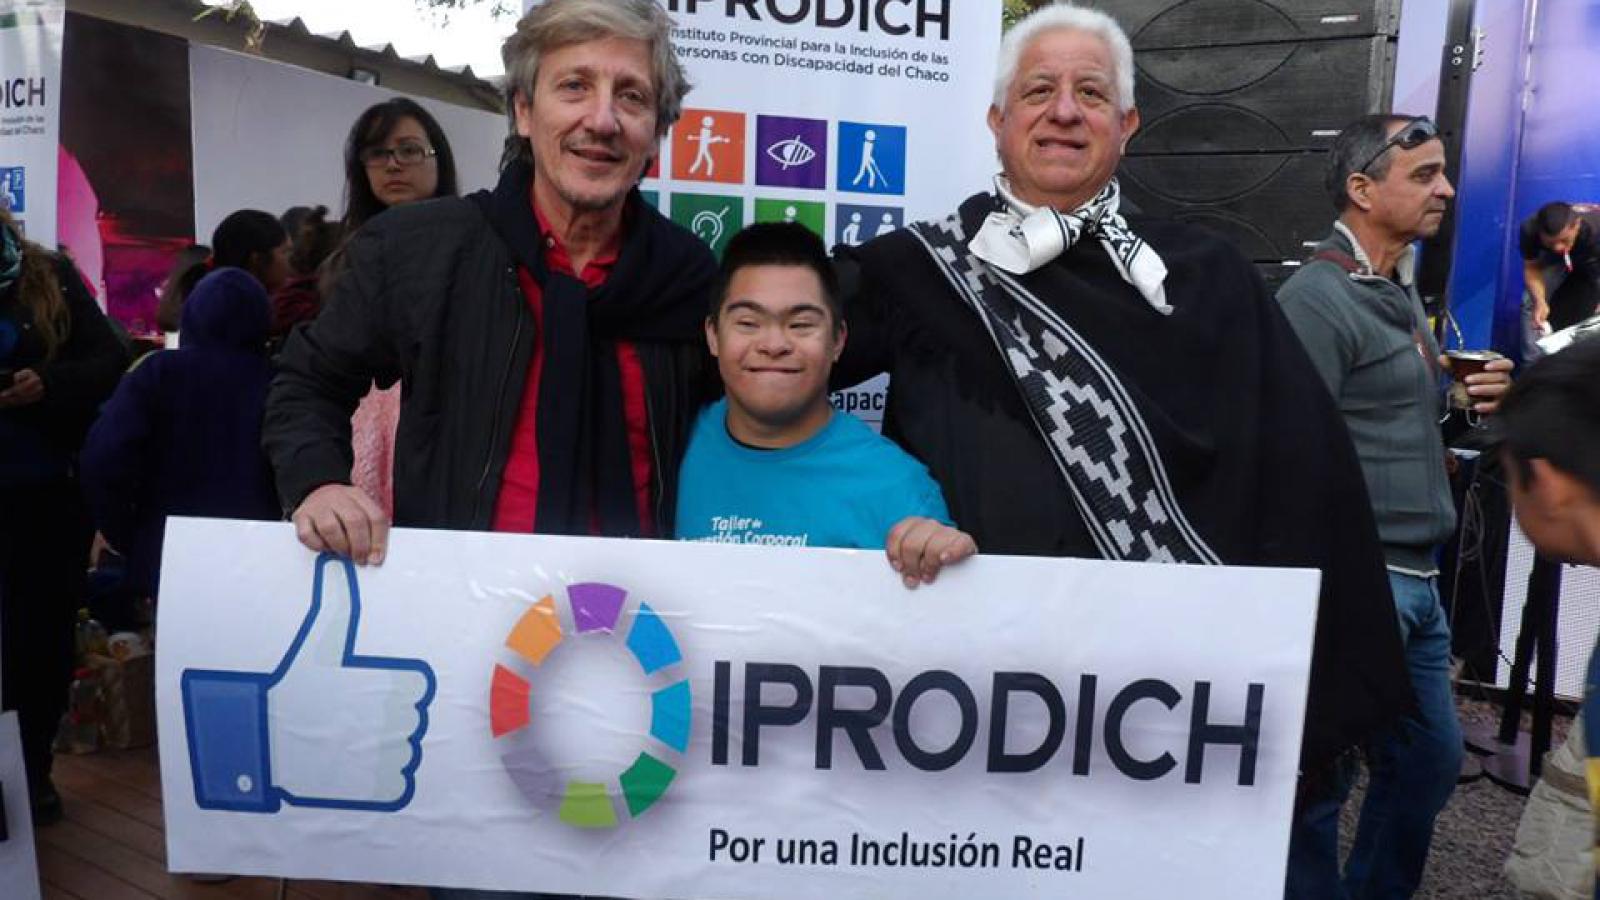 El presidente del IPRODICH junto a persona con discapacidad